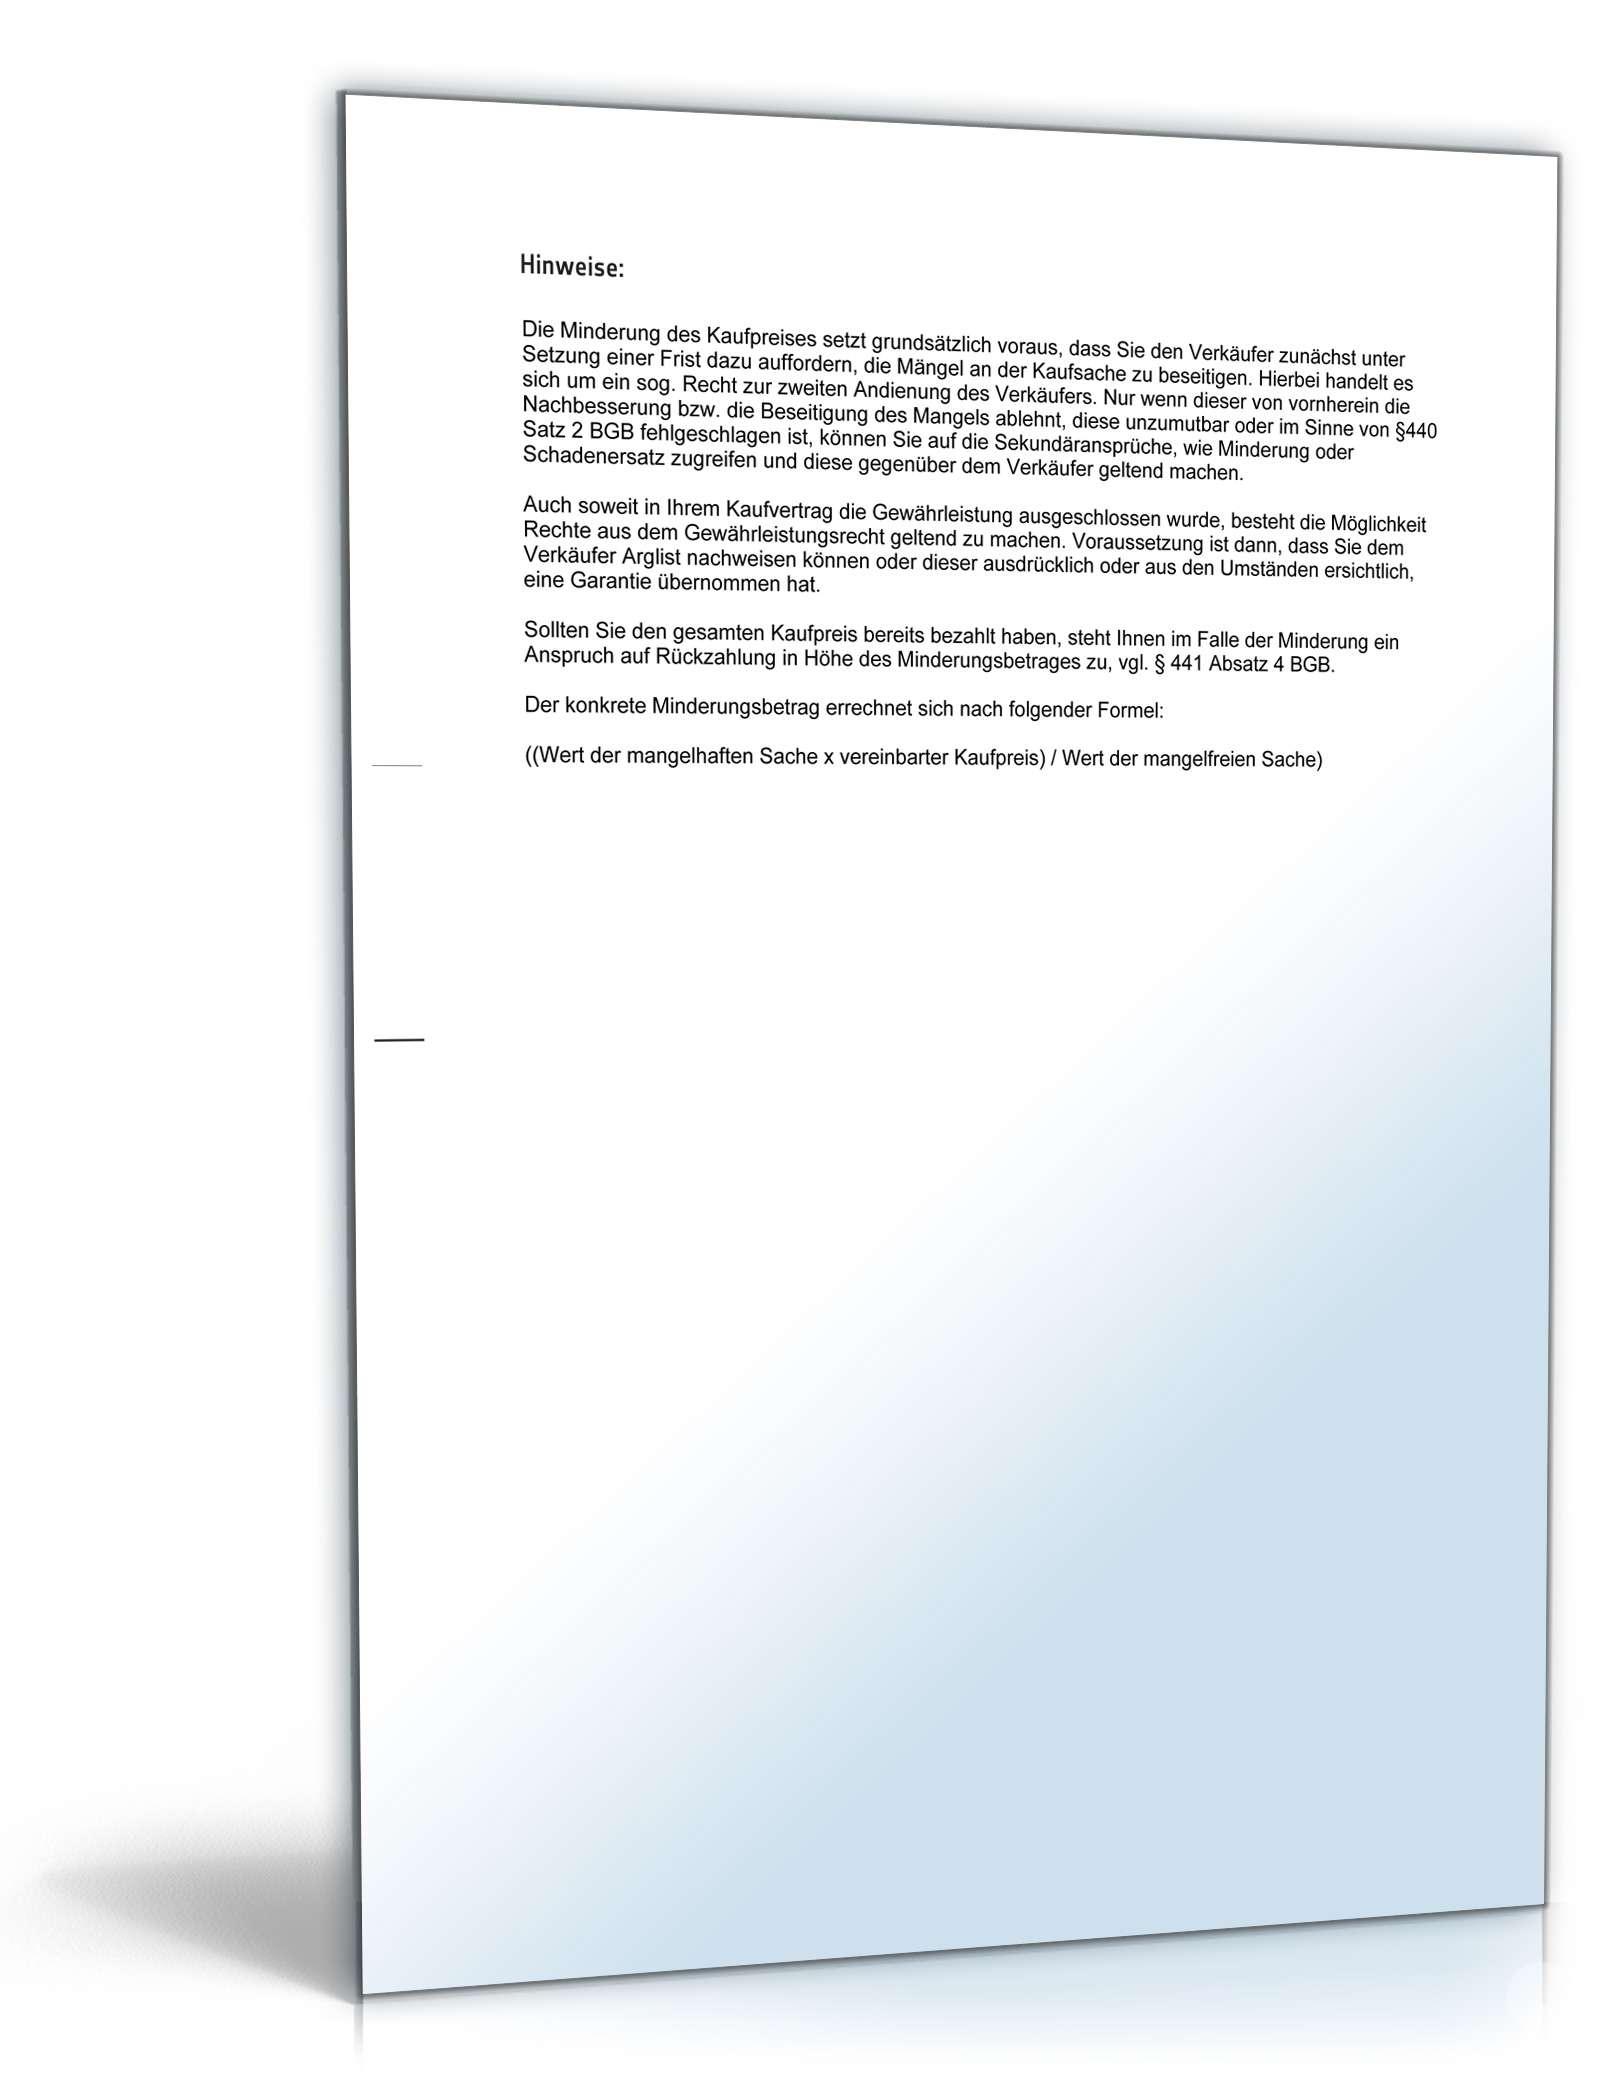 Minderung Gegenüber Verkäufer Muster Vorlage Zum Download